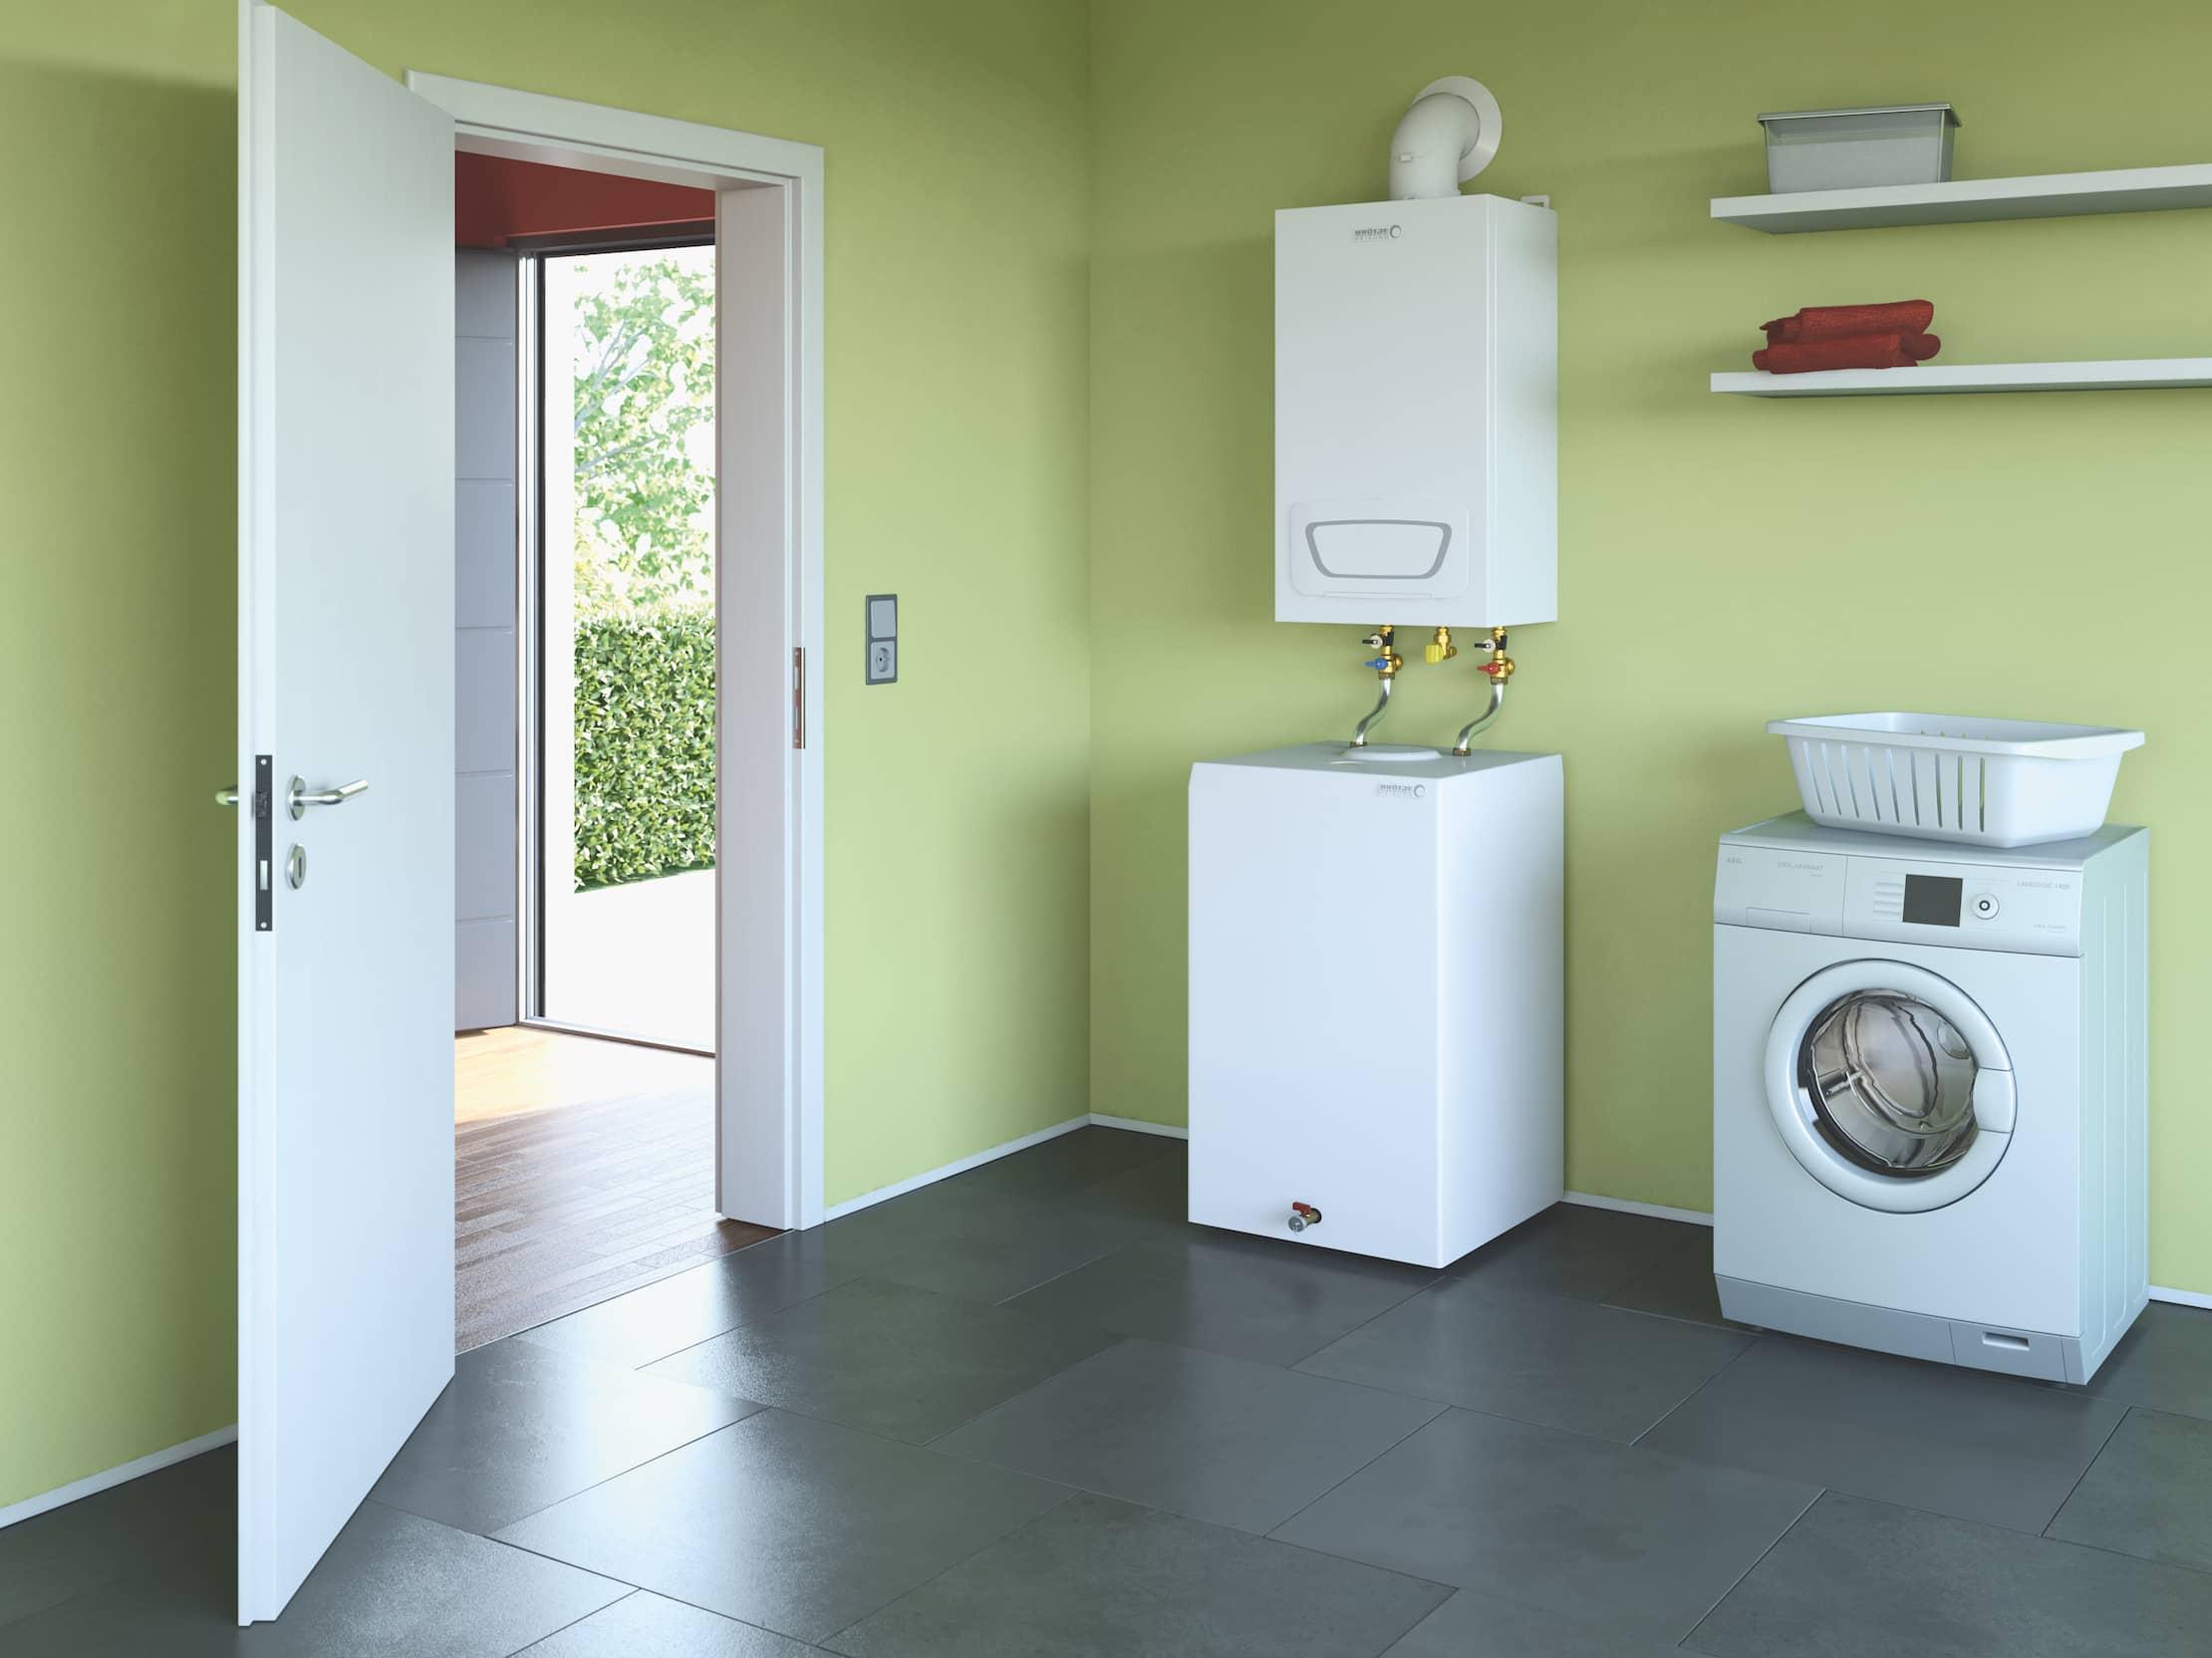 Der Gas-Brennwertwandkessel im hellgrün gestrichenen Waschraum eines Einfamilienhauses.